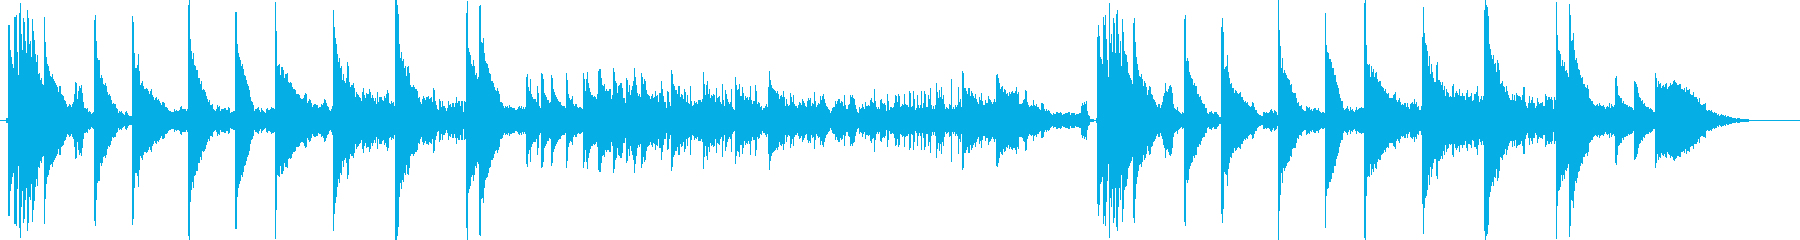 変拍子のおしゃれ系エレクトロニカの再生済みの波形